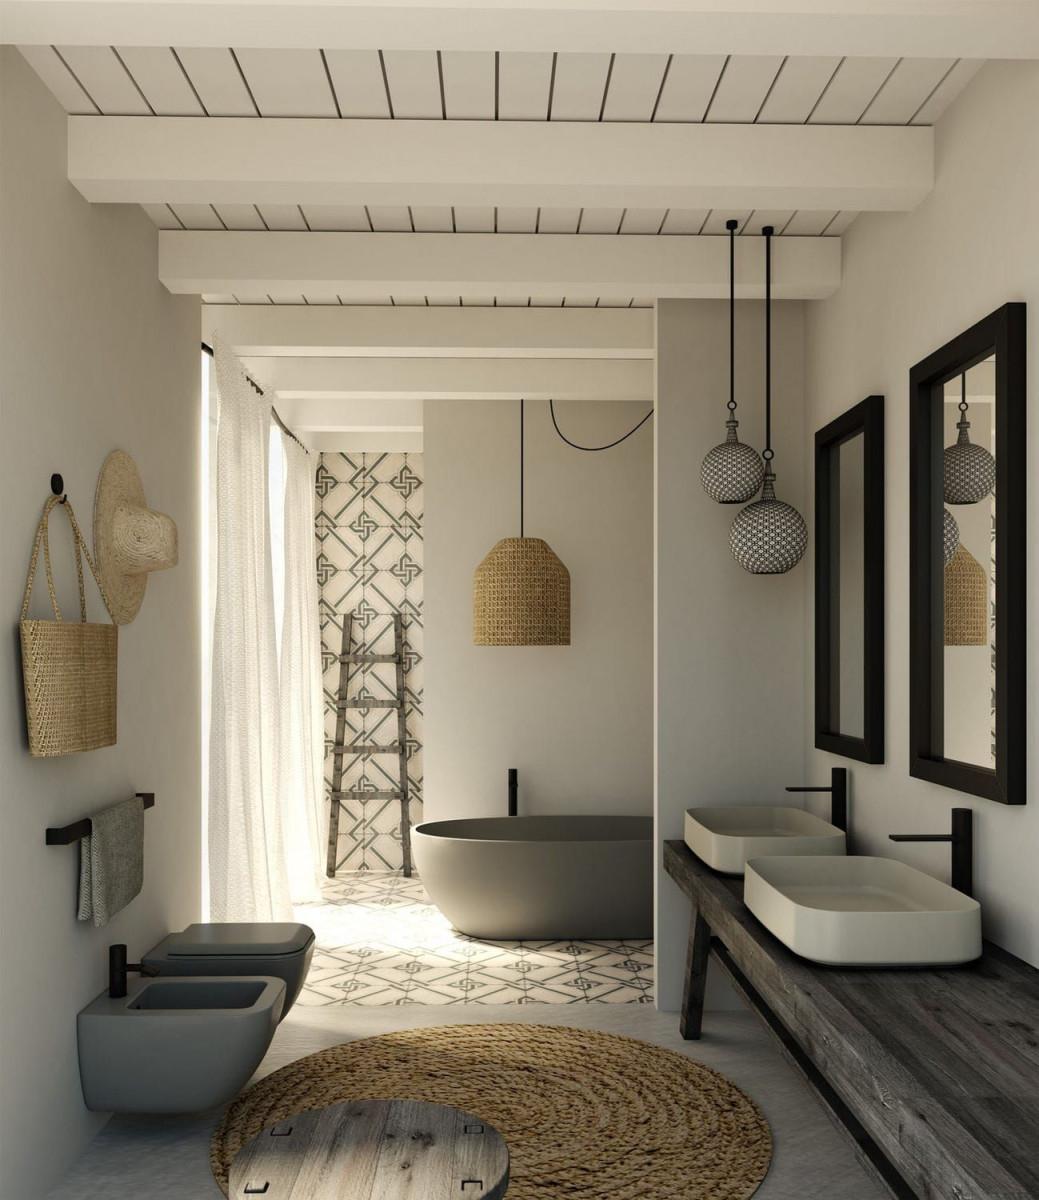 Hängendtoilette  Aus Keramik Shui Comfort  Pomice von Deko Hängend Wohnzimmer Bild